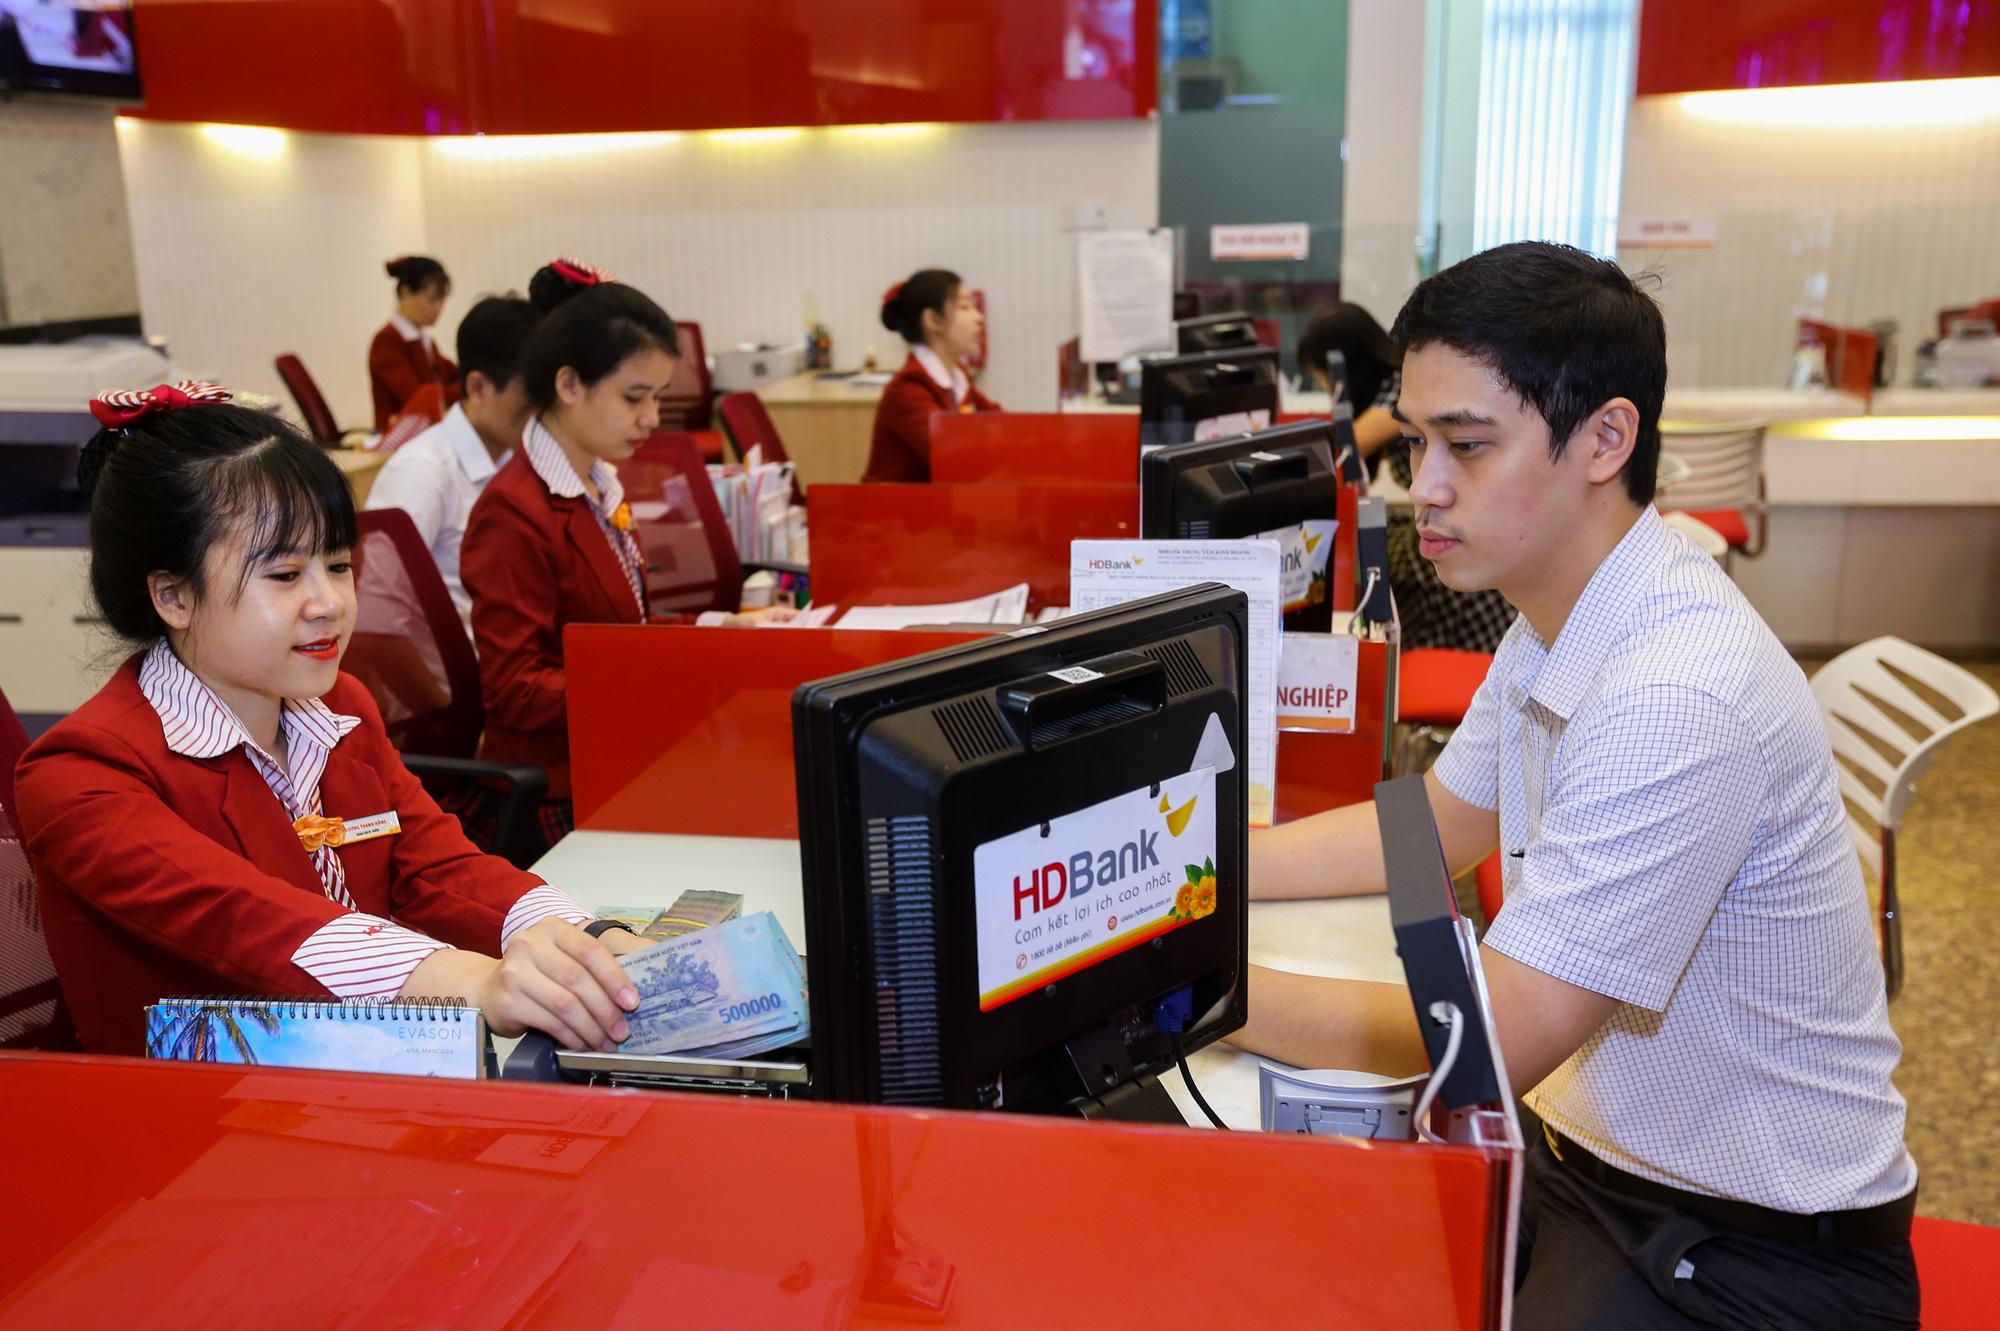 HDBank dành 5.000 tỉ đồng cho Gói Swift SME, lãi suất chỉ từ 6,5% hỗ trợ nhanh cho doanh nghiệp vừa và nhỏ  - Ảnh 1.